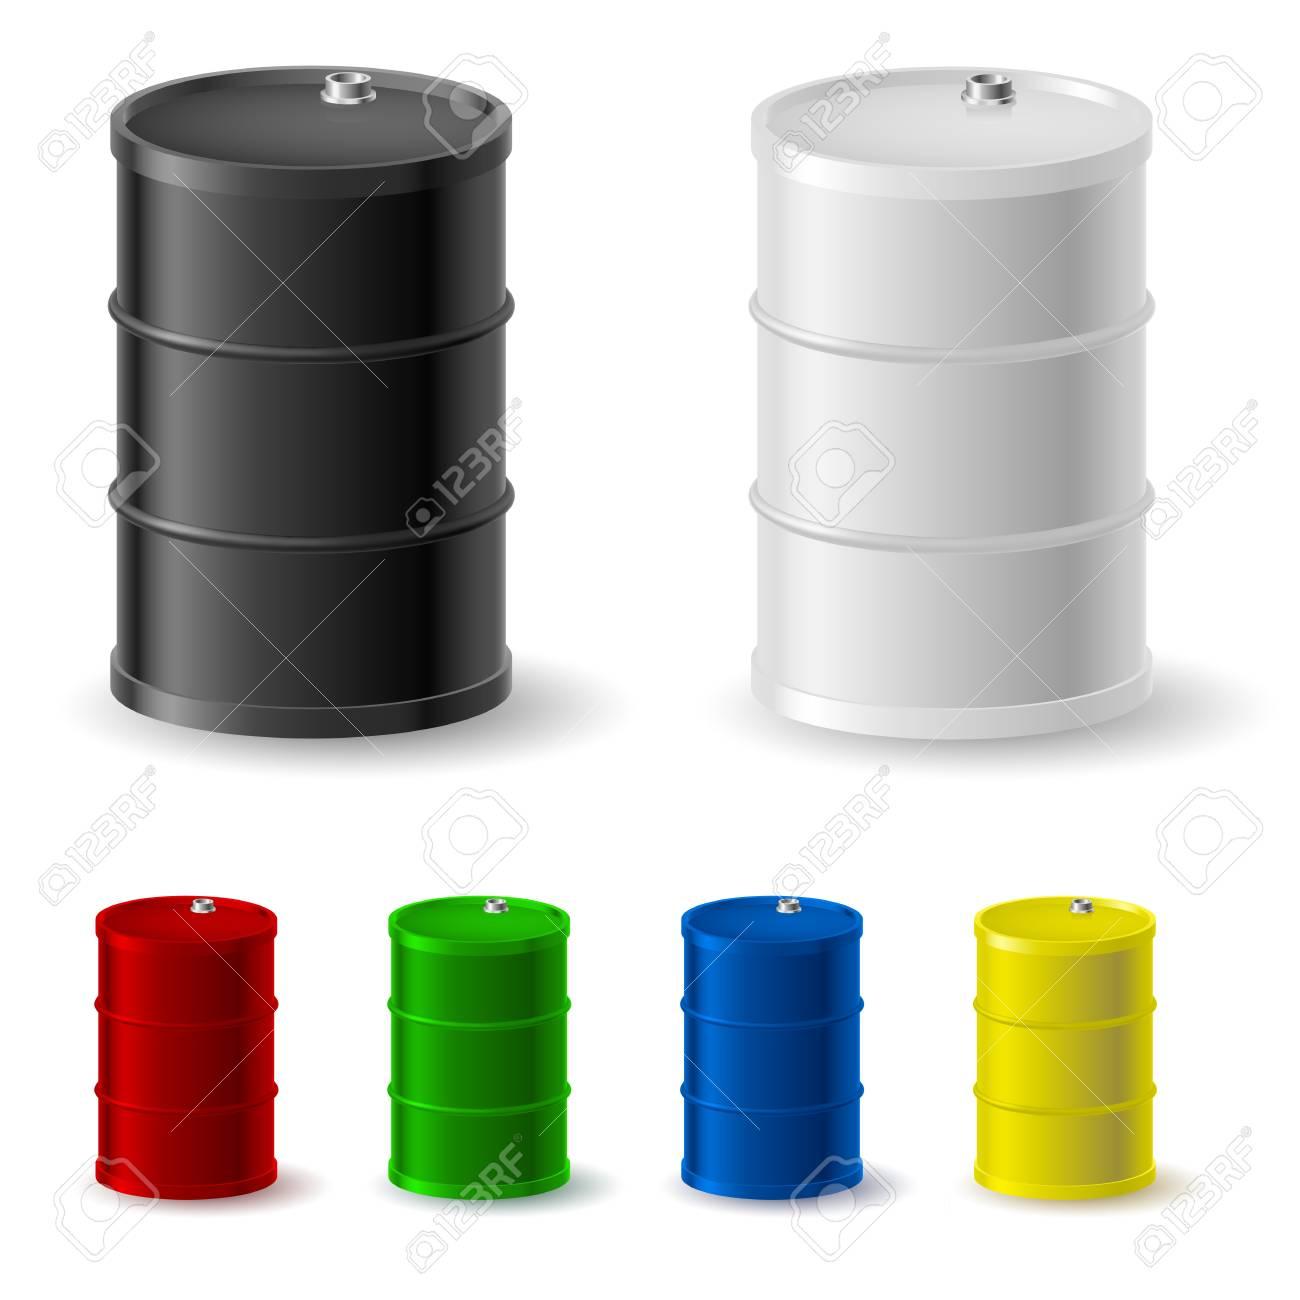 Metal barrels set on white background for design Stock Vector - 15019389